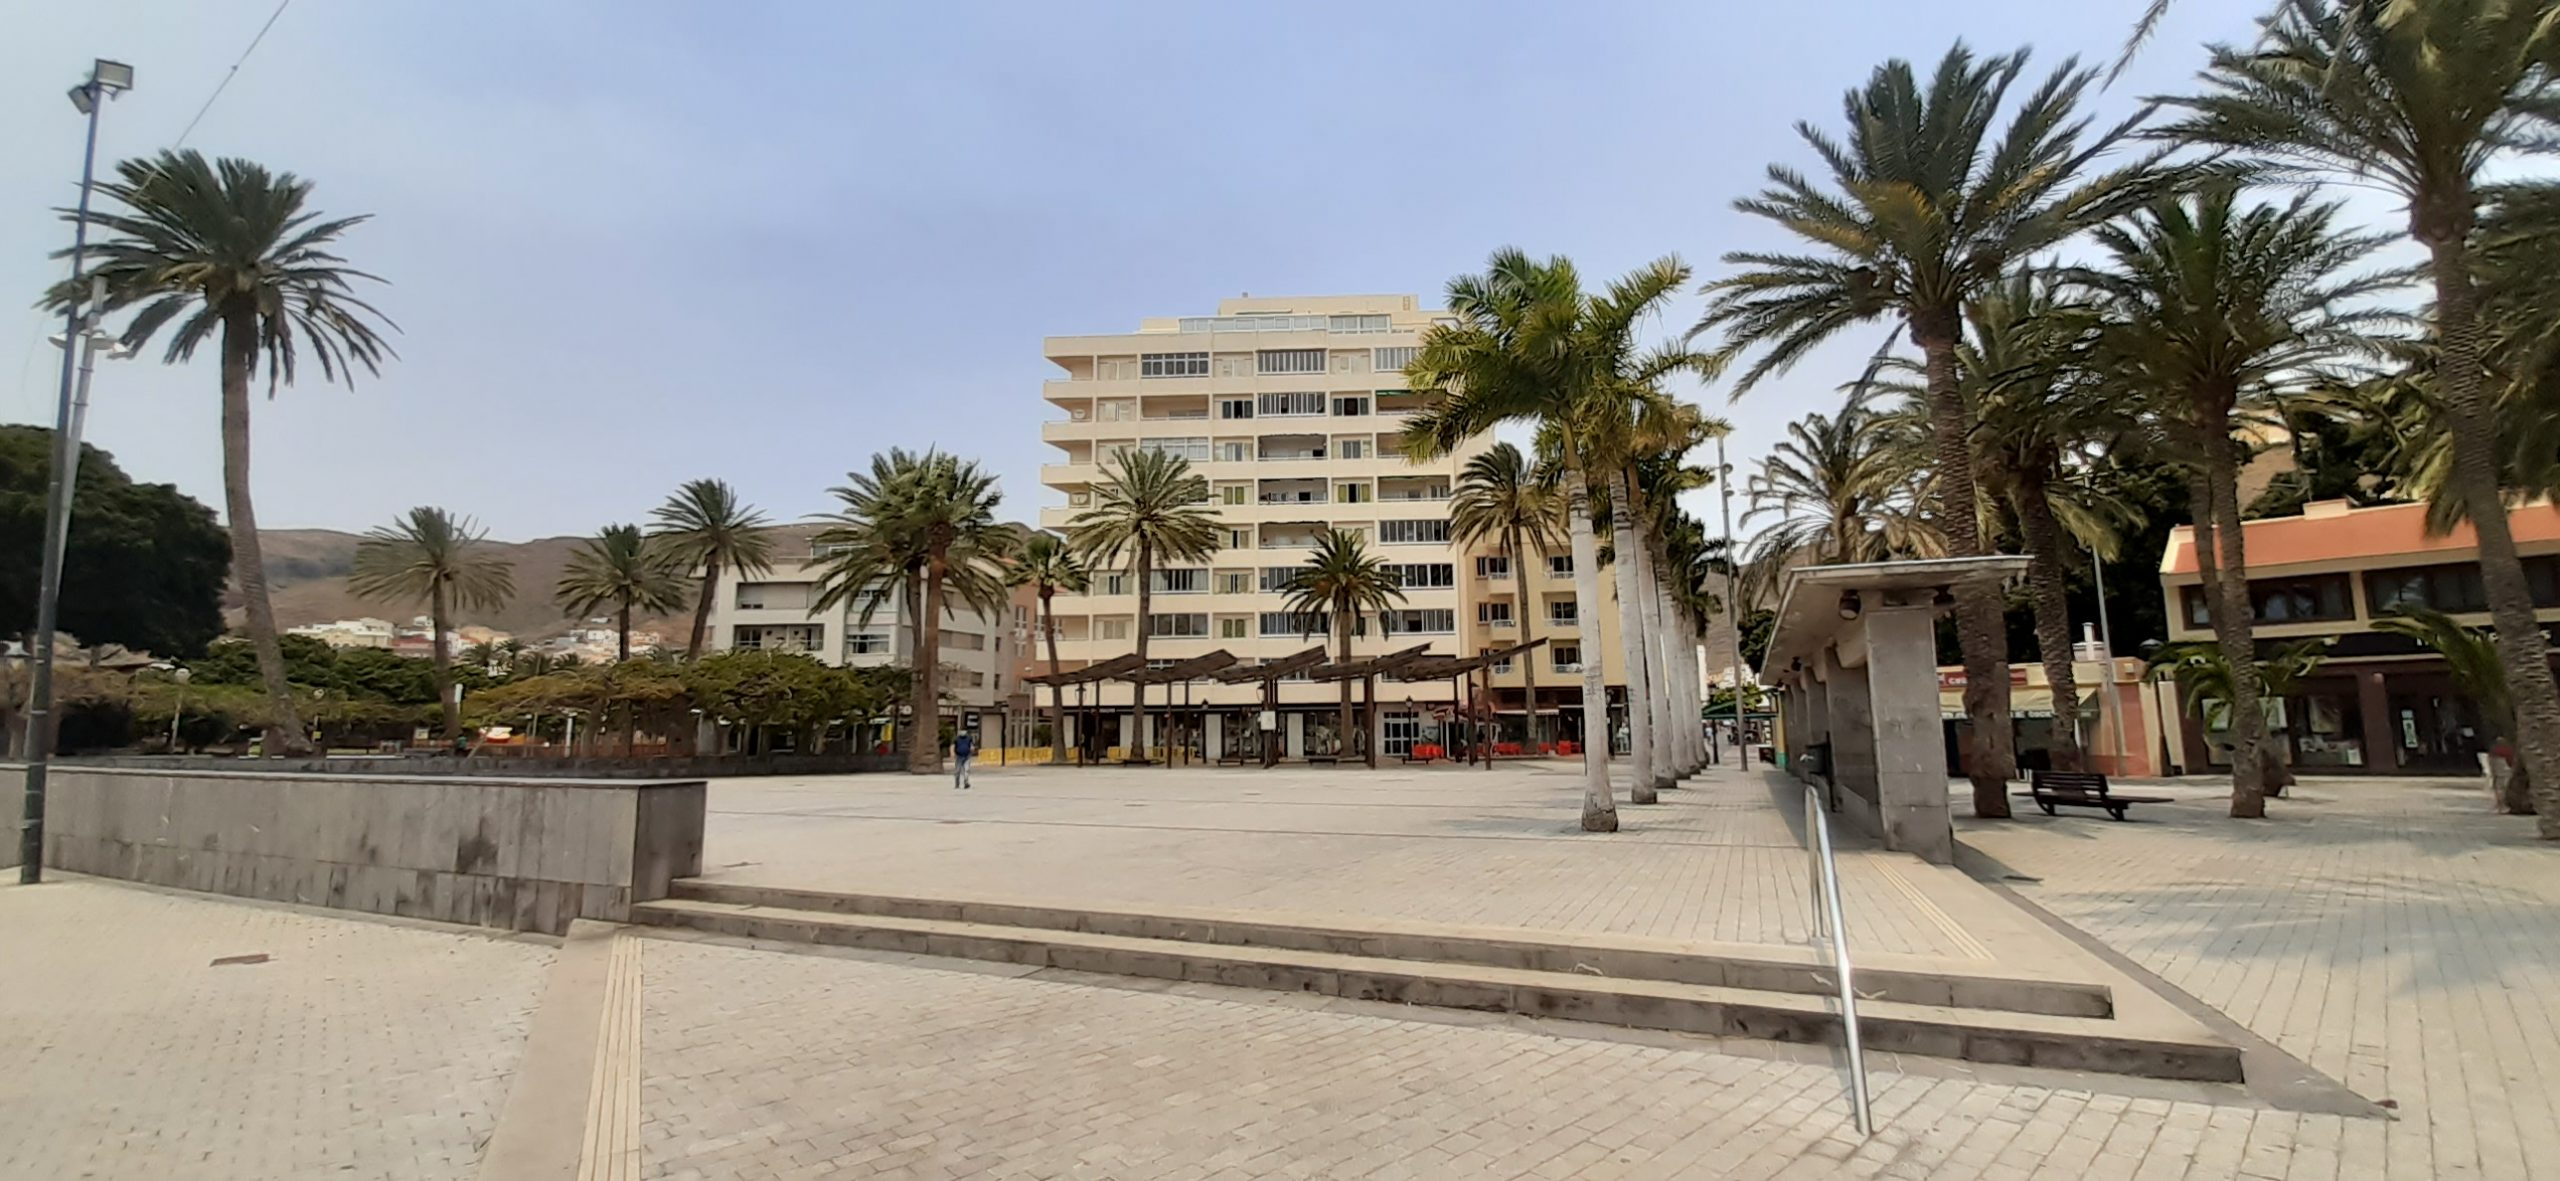 Turismo de Canarias destina 300.000 euros a la renovación de la Plaza de Las Américas de San Sebastián de La Gomera